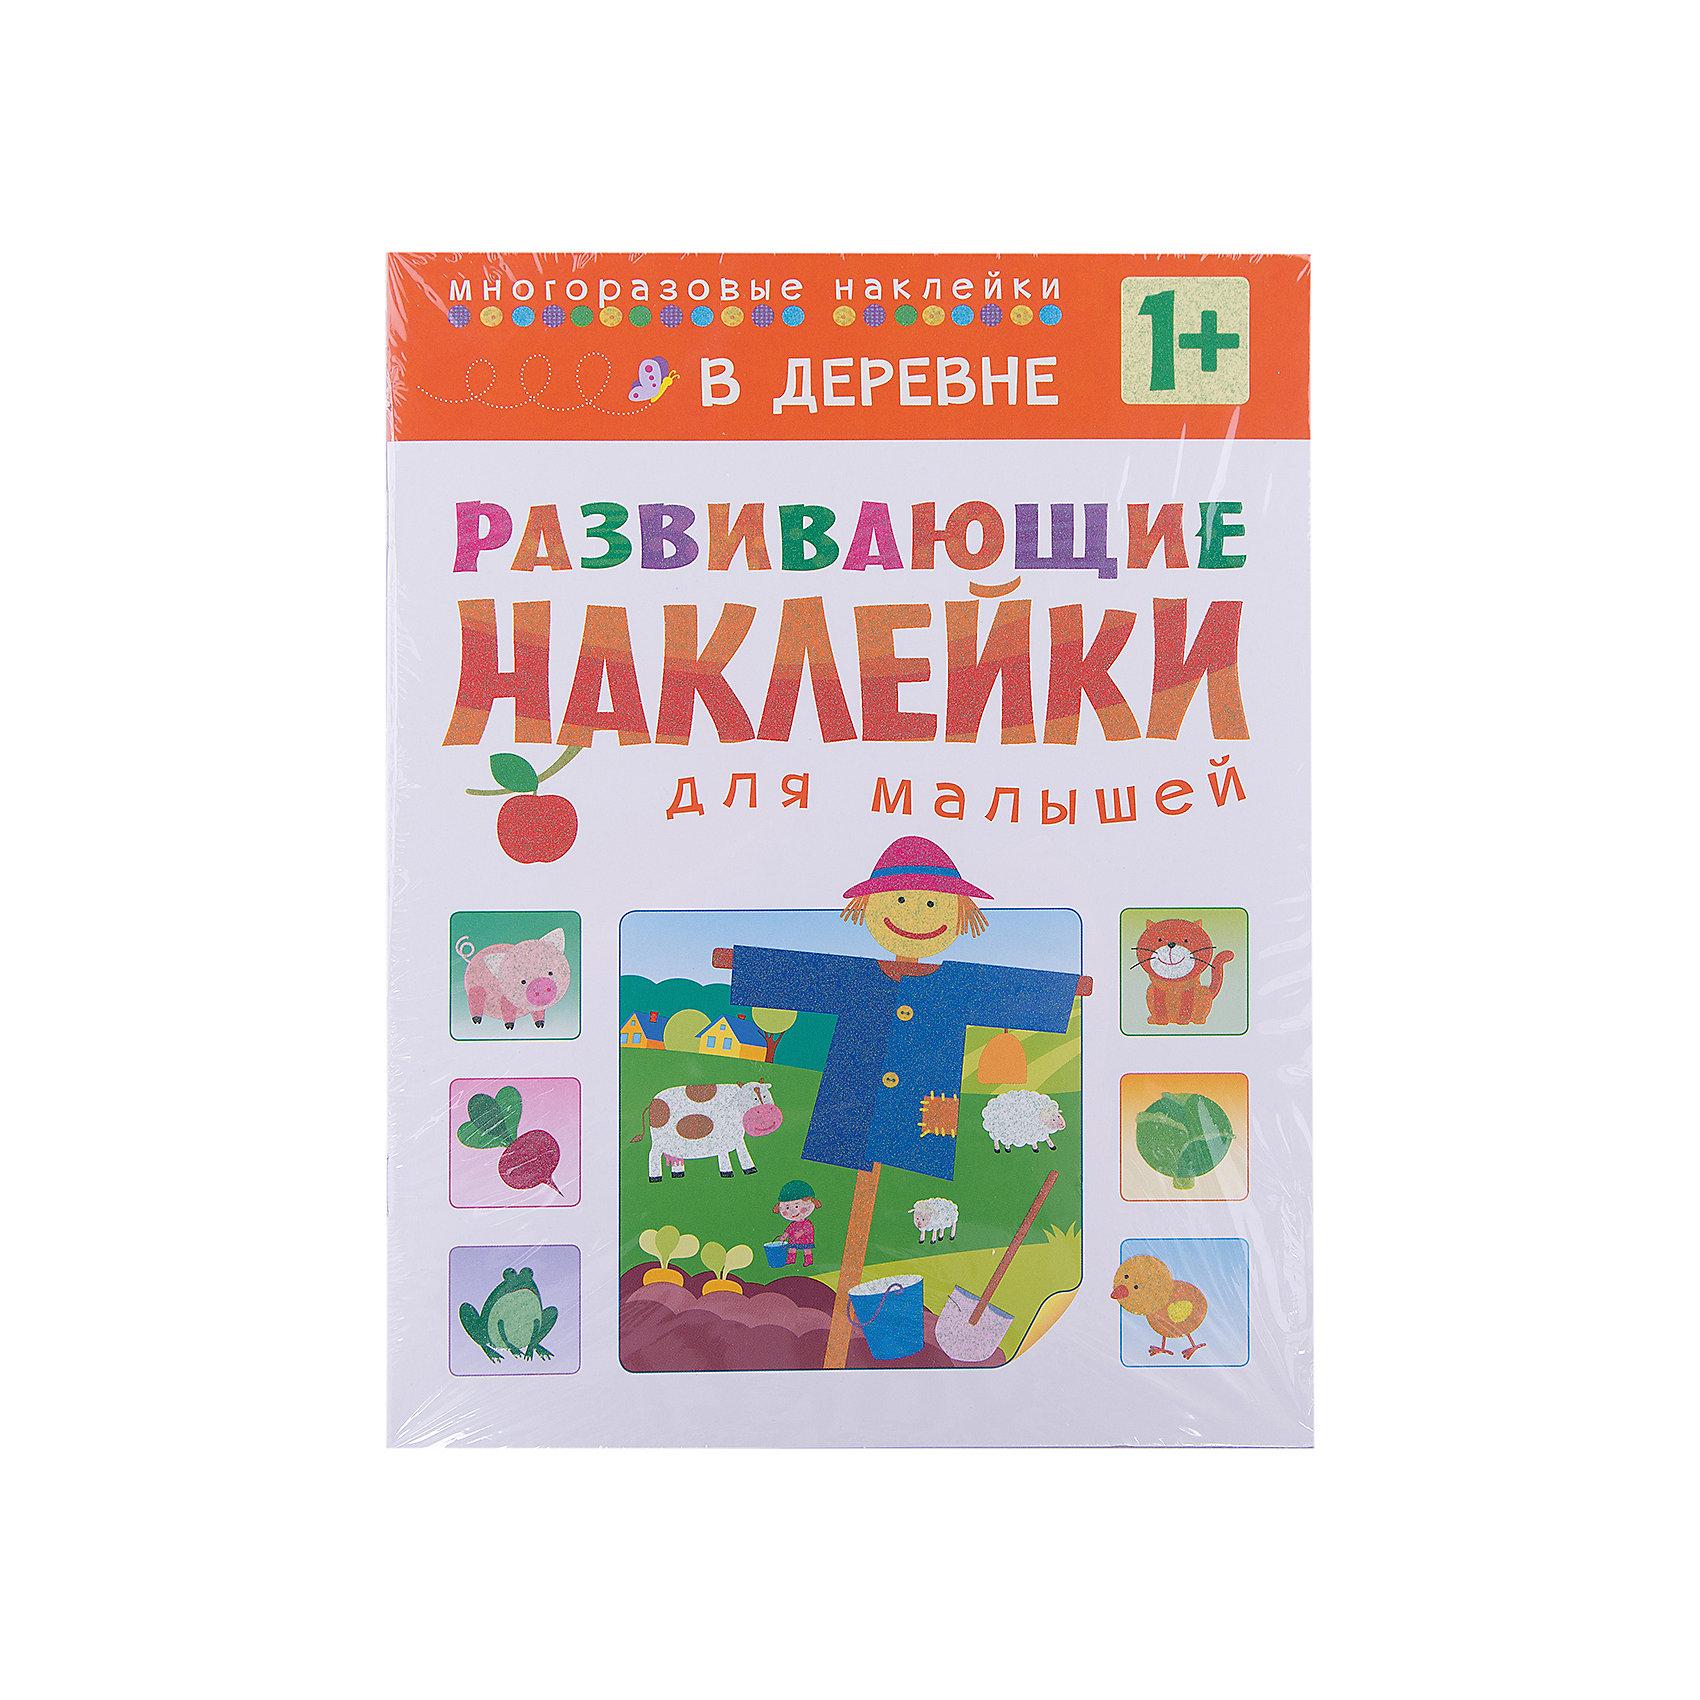 В деревне, Развивающие наклейки для малышейХарактеристики развивающих наклеек для малышей В деревне:<br><br>• возраст: от 12 месяцев<br>• пол: для мальчиков и девочек<br>• материал: бумага<br>• количество страниц:12<br>• размеры: 19.5x25.5х0,1 см.<br>• масса: 65 гр.<br>• автор: Вилюнова В<br>• иллюстратор Саввушкина Т.<br>• тип обложки: мягкая.<br>• бренд: издательство Мозаика-Синтез<br>• страна обладатель бренда: Россия.<br>• страна изготовитель: Россия<br><br>Эта книжка с наклейками предназначена для самых маленьких читателей. Уже в 1 год ребенок может выполнять задания, приклеивая наклейки в нужное место. Это занятие  приносит малышу удовольствие и радость, а также способствует развитию речи, интеллекта, мелкой моторики, координации движений, умения находить и принимать решения; расширяет представления об окружающем мире. <br><br>На ярких страницах этой книги малыш встретит котенка, щенка, жеребенка, теленка, цыплят и других обитателей деревни, побывает в огороде, в саду, на птичьем дворе, на пруду, узнает, кто пасется на лугу. <br>Наклейки в книге многоразовые, так что ребенок сможет смело экспериментировать, не боясь ошибиться.<br><br>Развивающие наклейки для малышей В деревне от издательства Мозаика-Синтез можно купить в нашем интернет-магазине.<br><br>Ширина мм: 4<br>Глубина мм: 195<br>Высота мм: 255<br>Вес г: 65<br>Возраст от месяцев: 12<br>Возраст до месяцев: 36<br>Пол: Унисекс<br>Возраст: Детский<br>SKU: 5362857